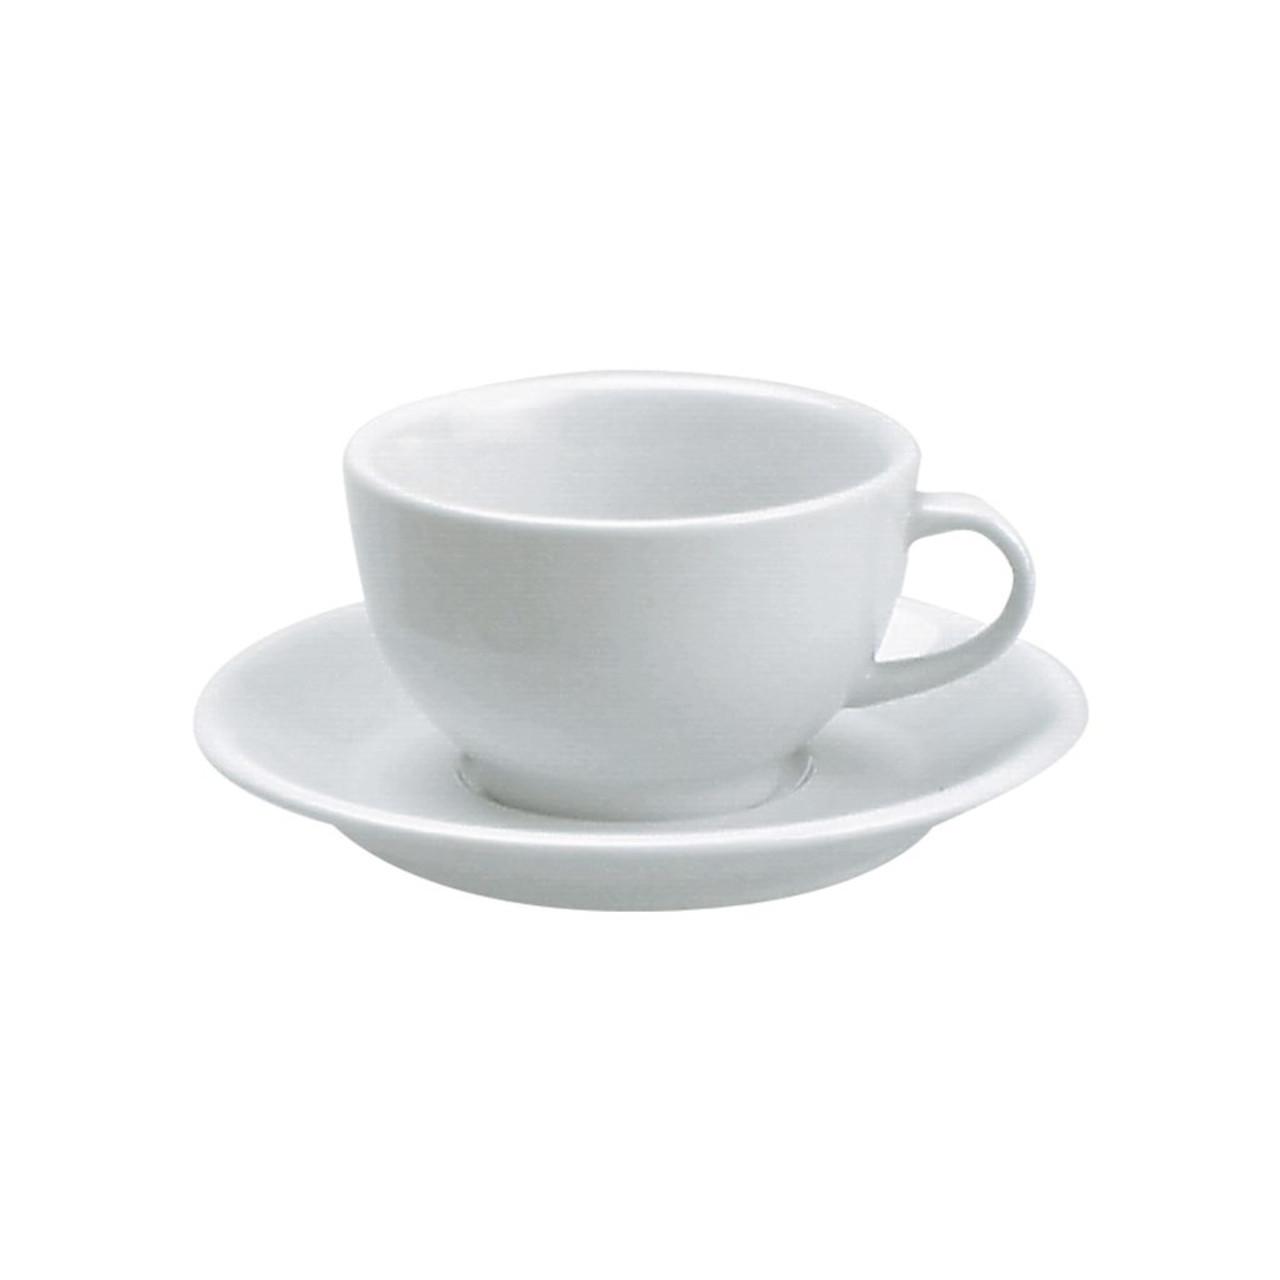 Vitroceram 230ml White Cappucino Cup